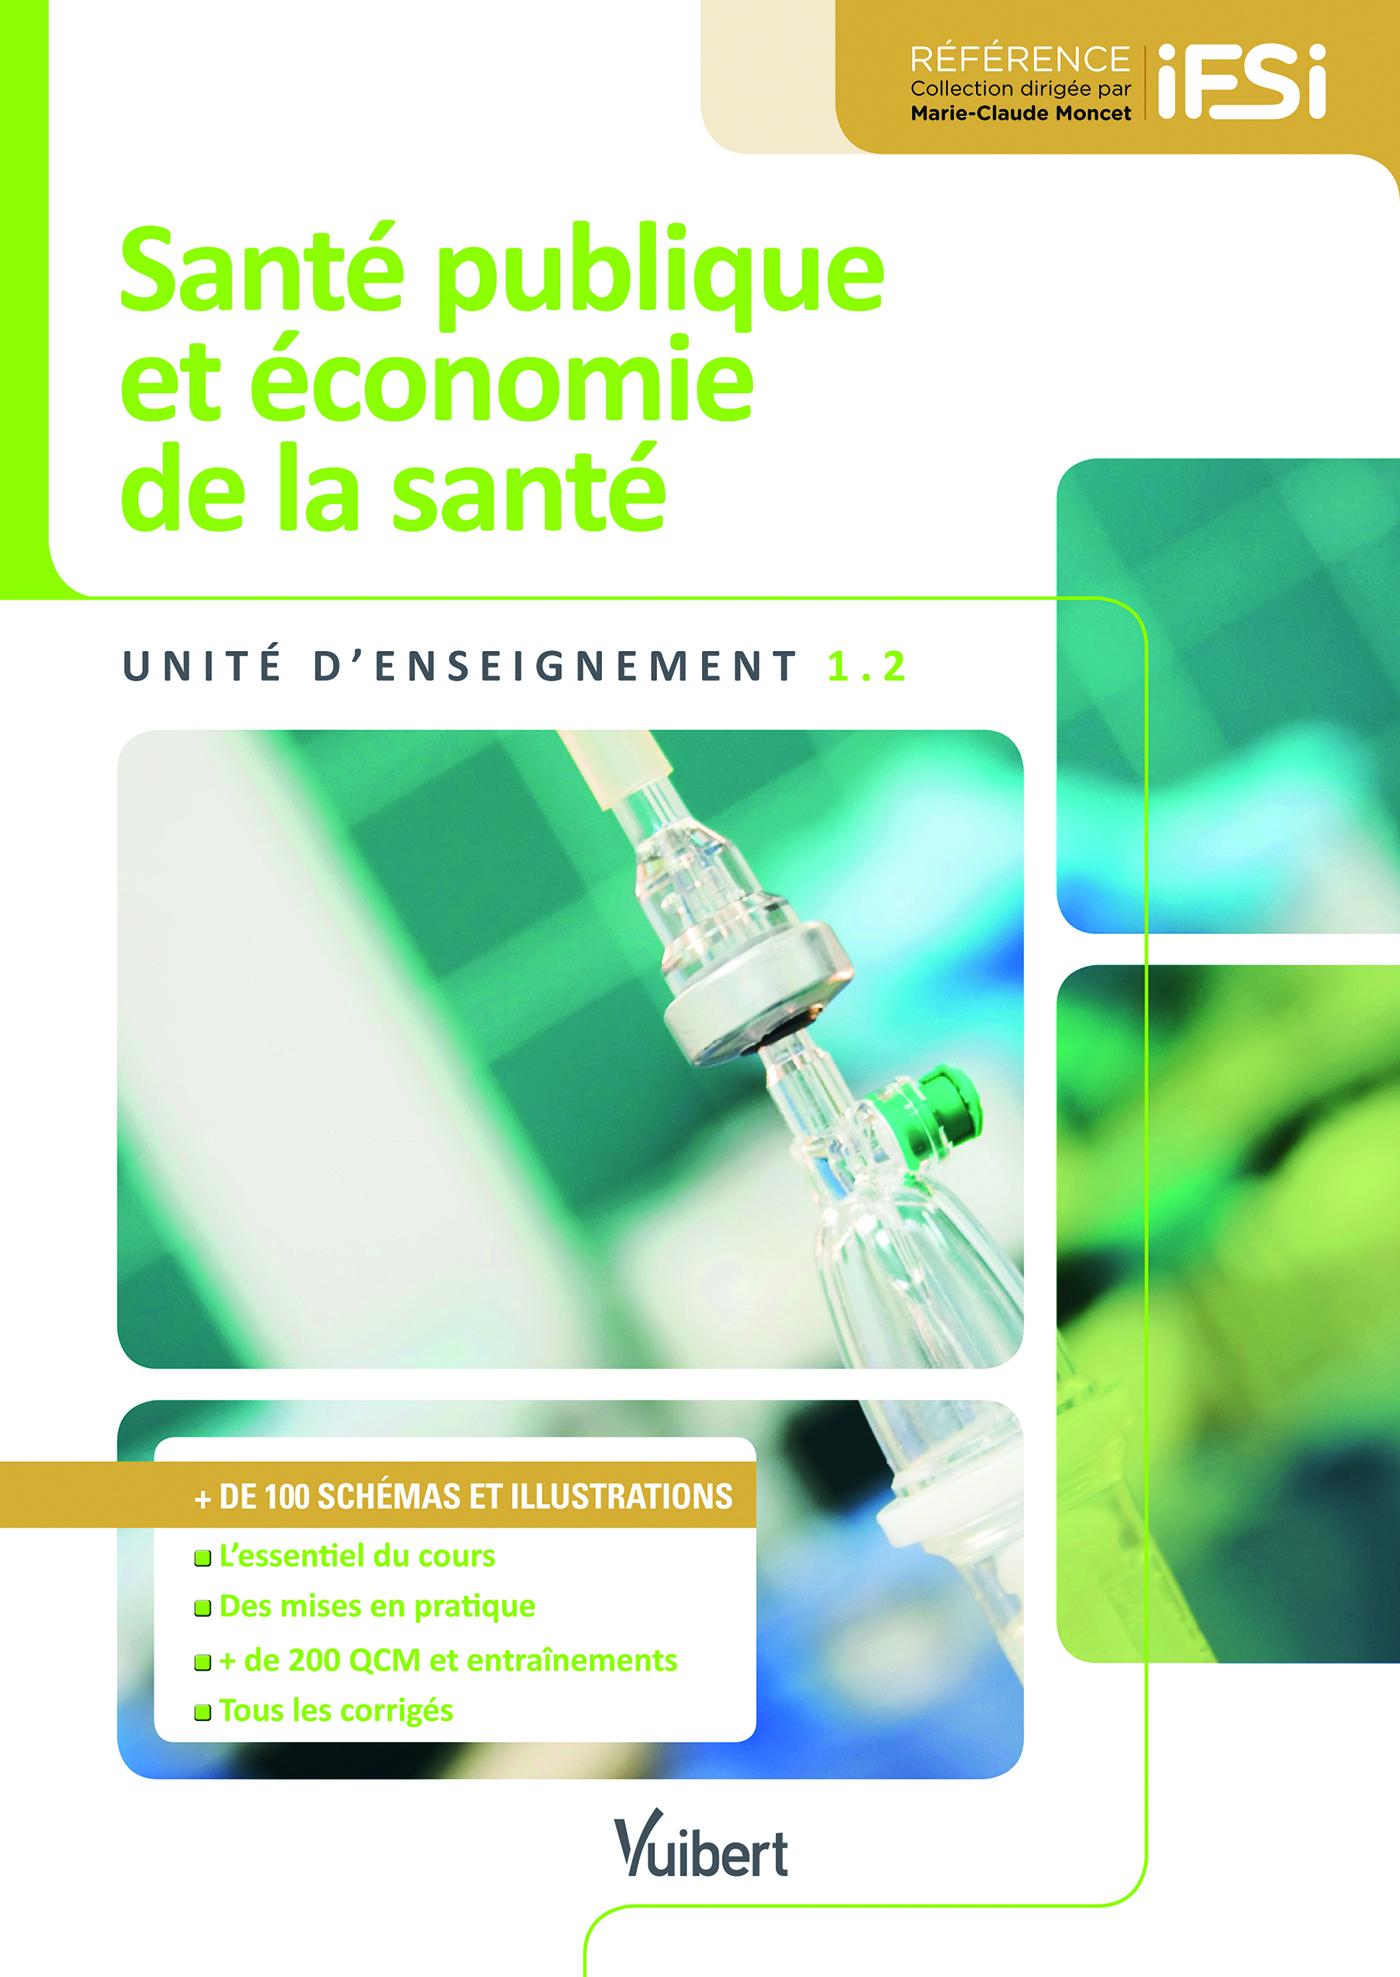 UE 1.2 SANTE PUBLIQUE ET ECONOMIE DE SANTE